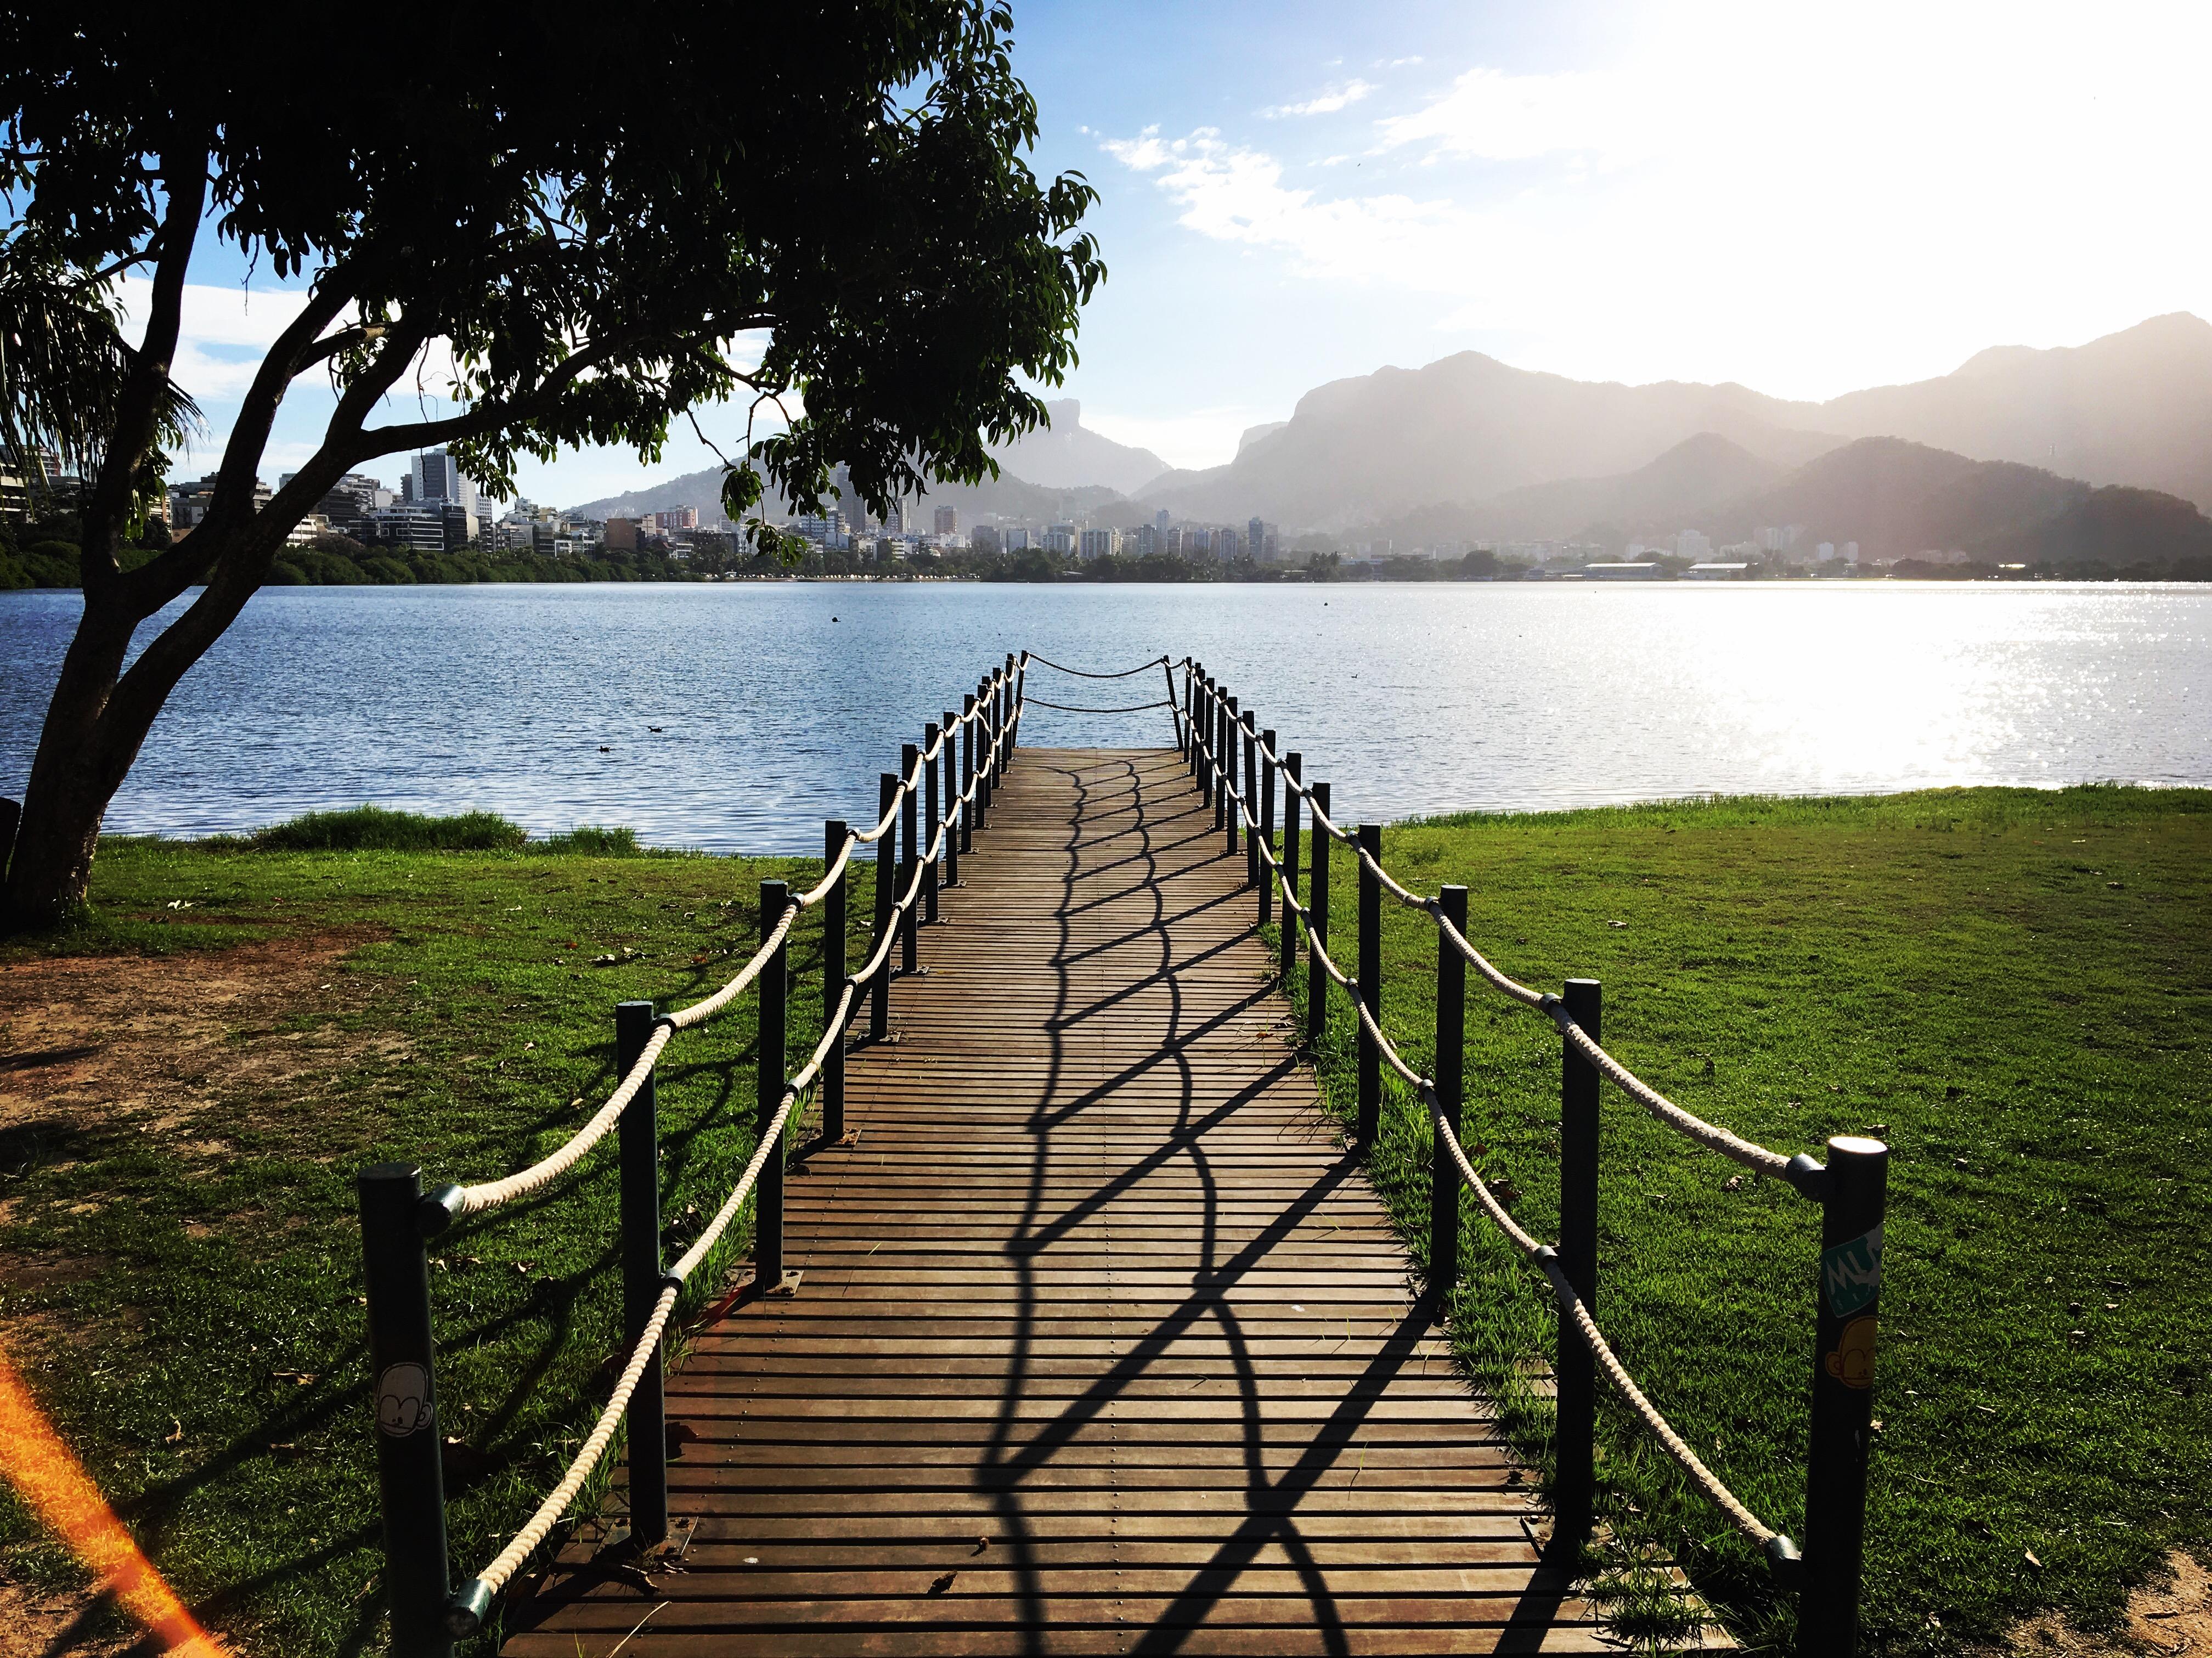 Riowakening Rio Lagoa 2